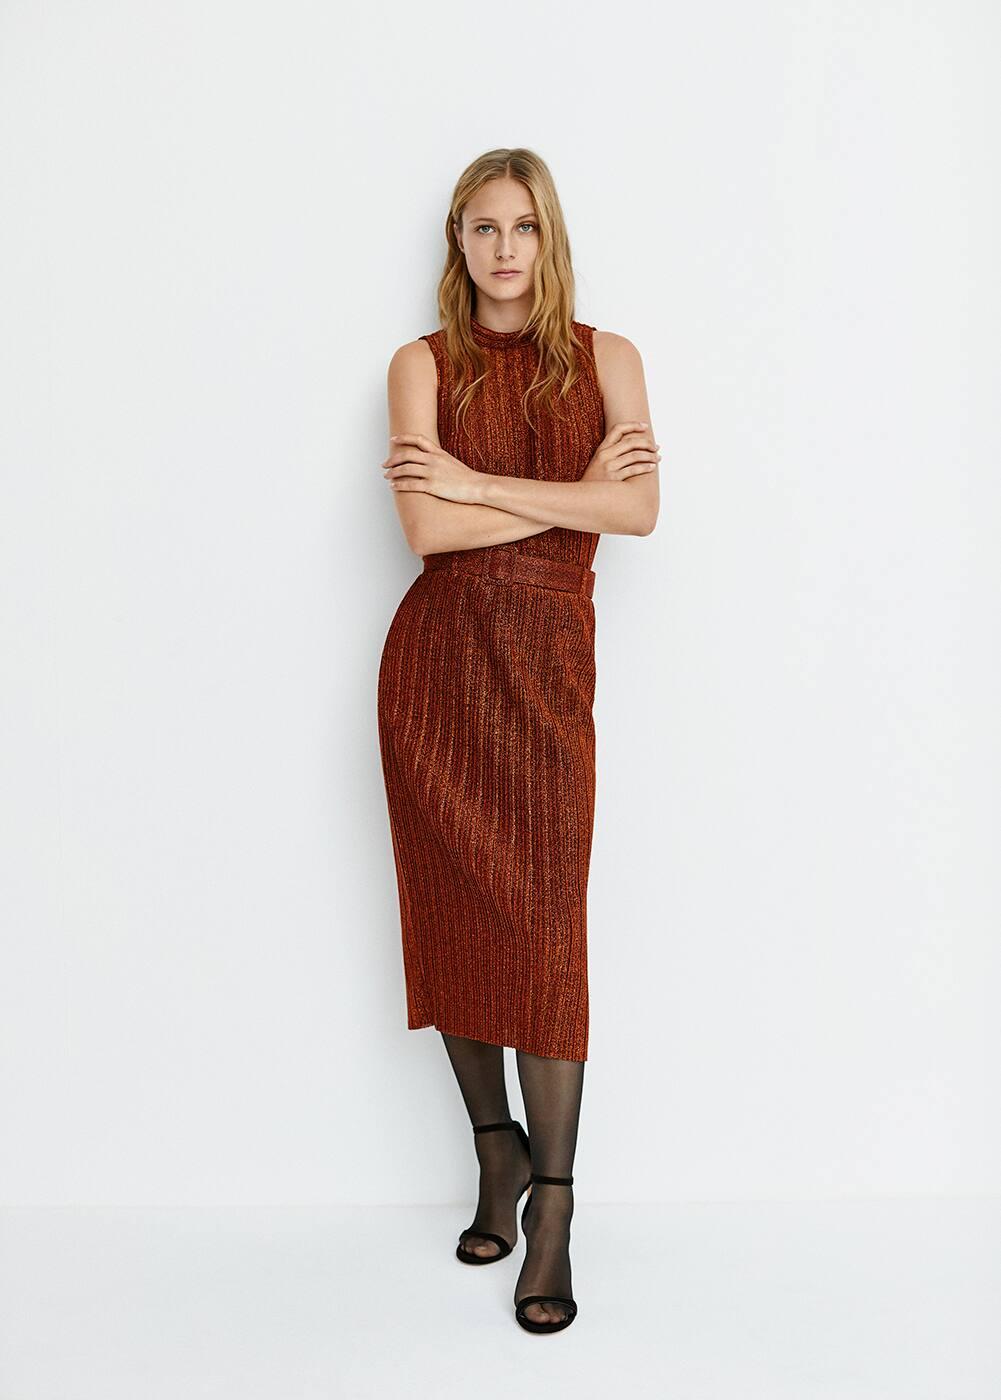 MANGO de España España Moda Mujer Moda Mujer MANGO de Moda de Mujer HXHqOt6x